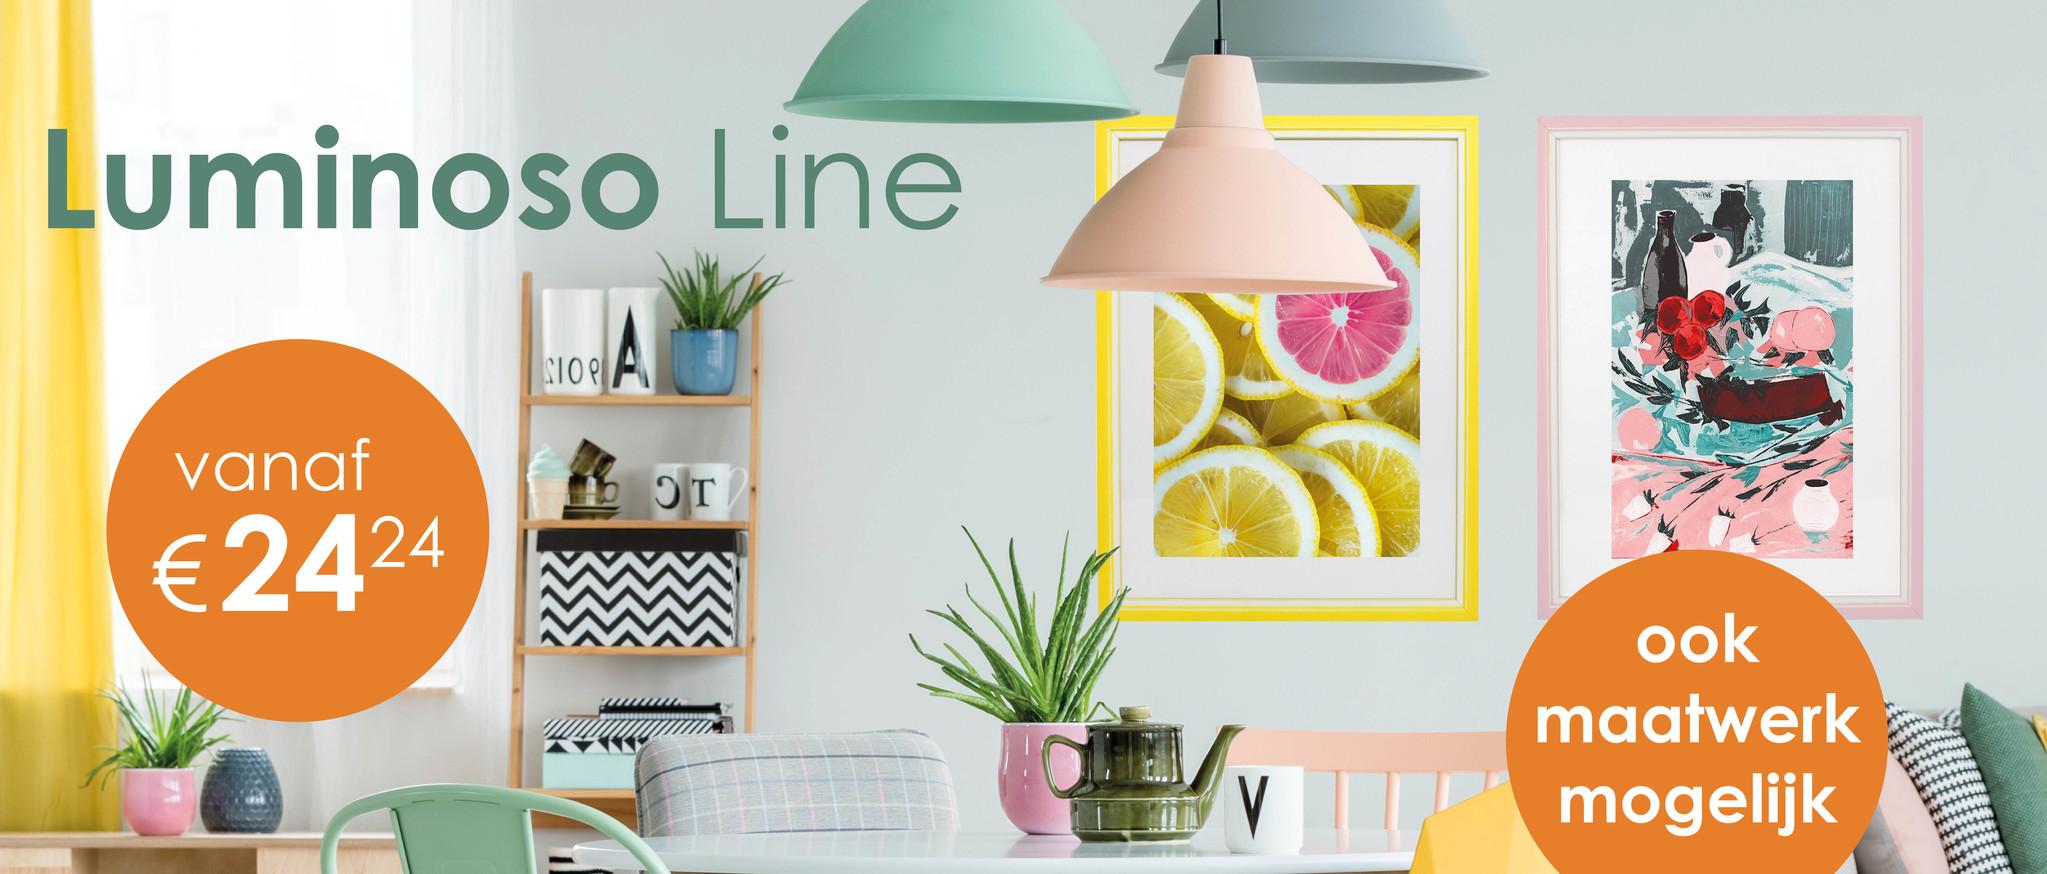 Luminoso Line wissellijsten